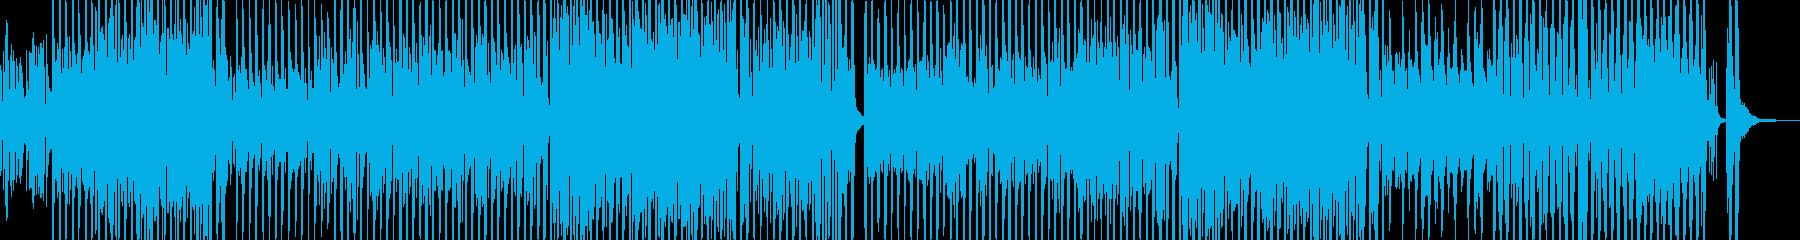 トランペット・まったりテクノ&マーチの再生済みの波形